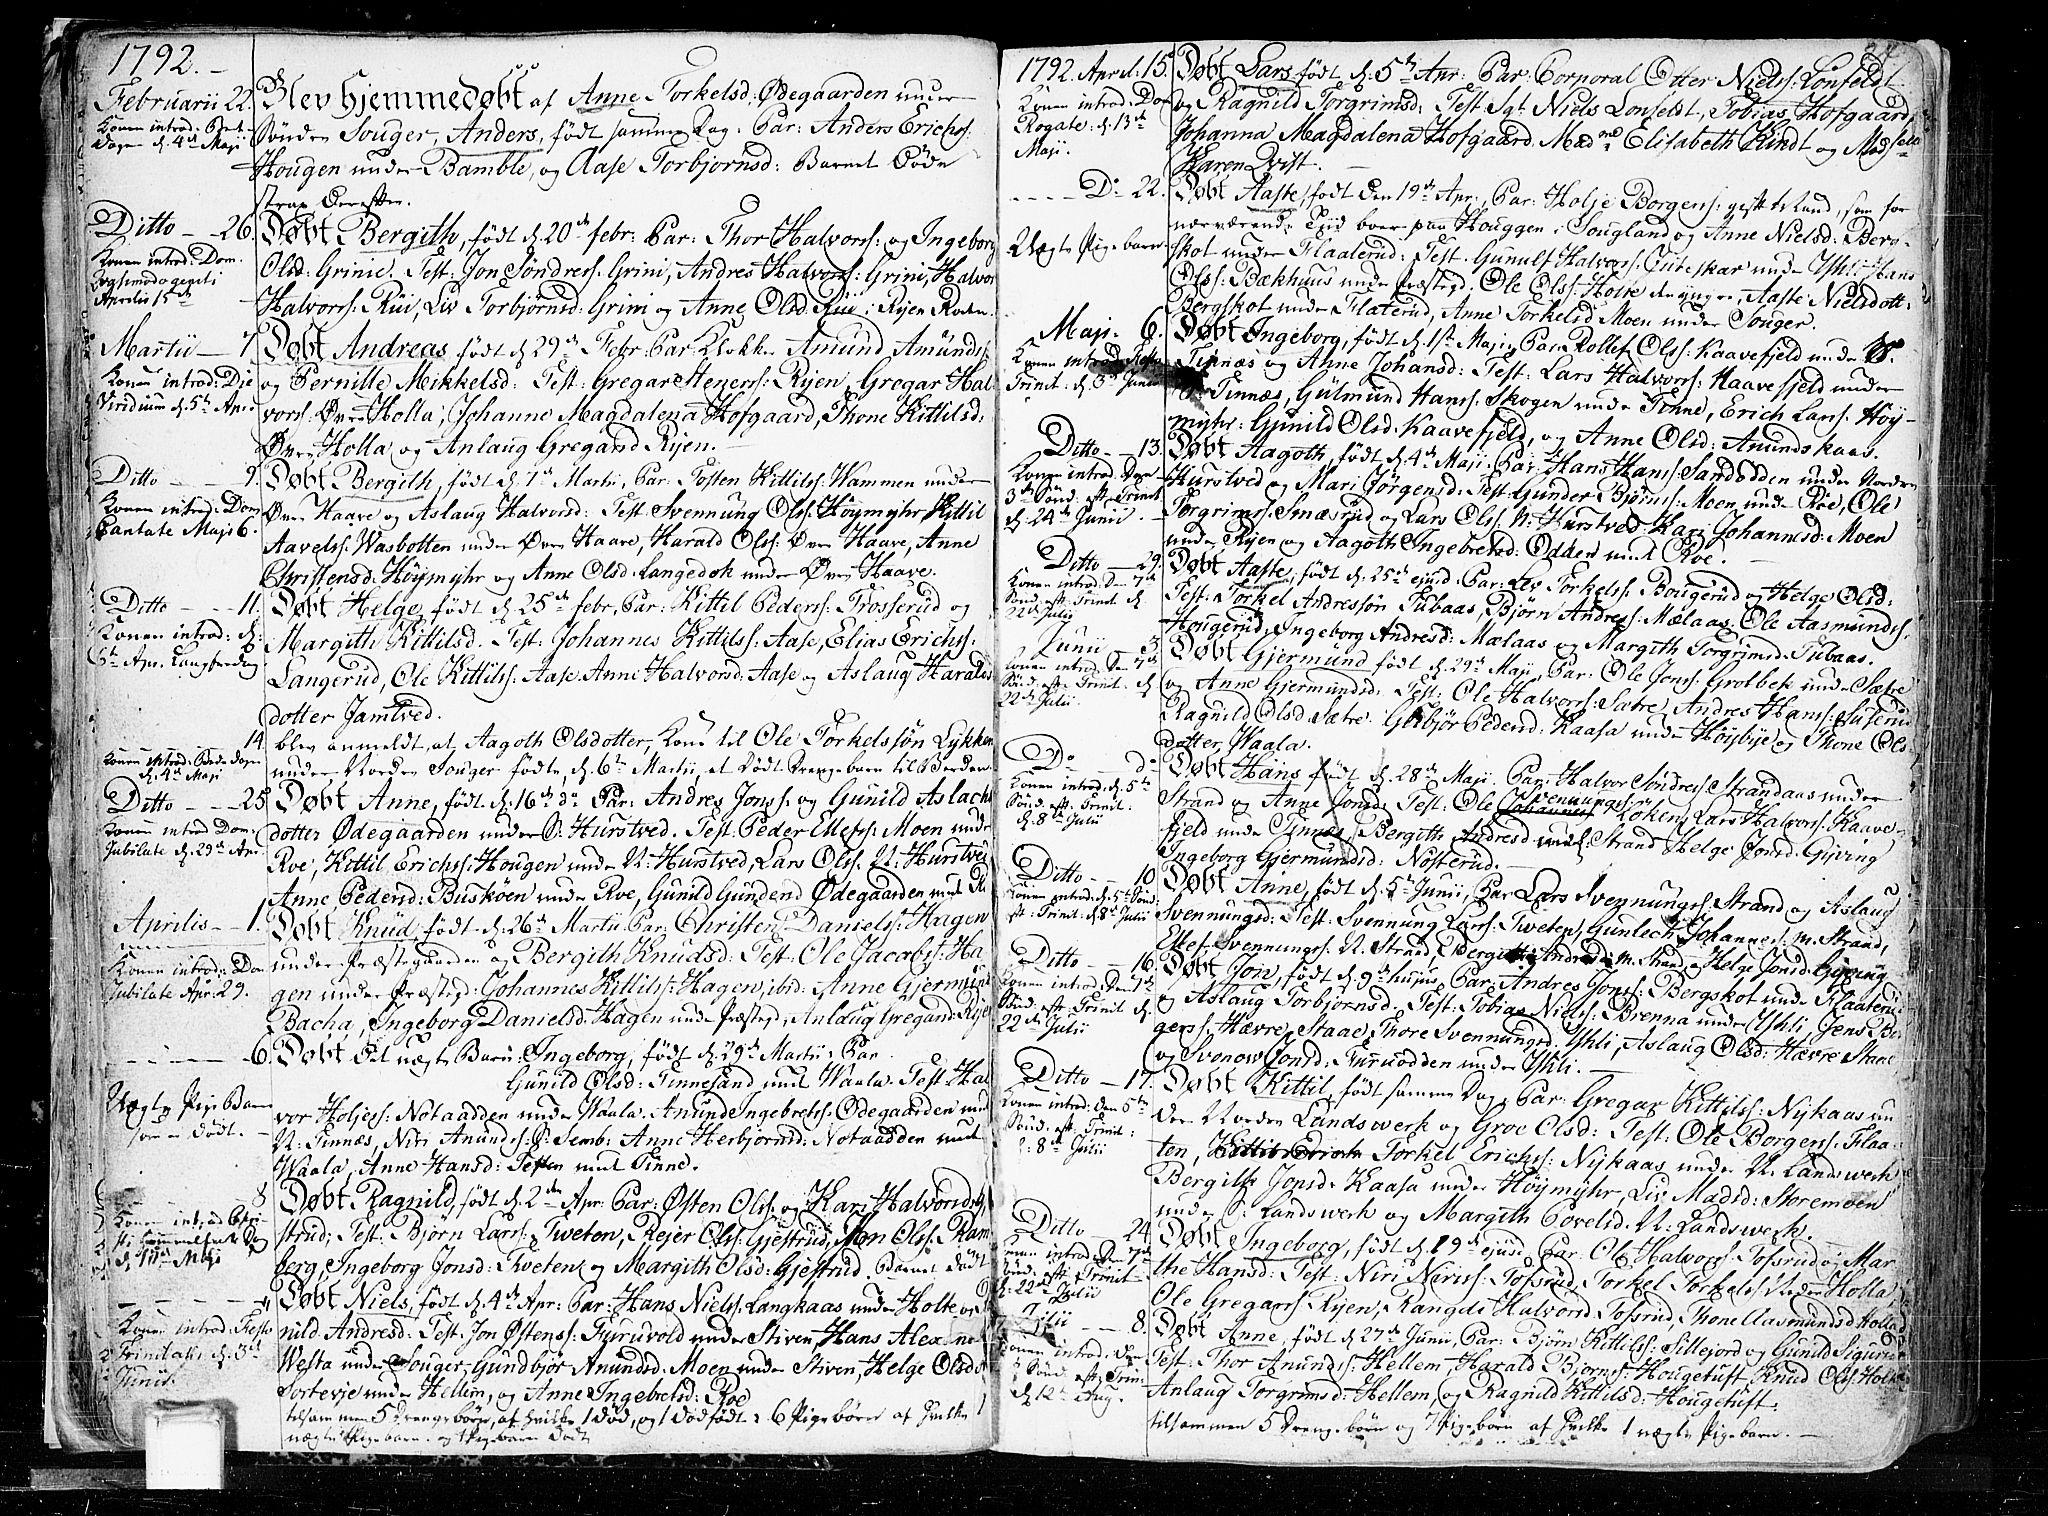 SAKO, Heddal kirkebøker, F/Fa/L0004: Ministerialbok nr. I 4, 1784-1814, s. 24